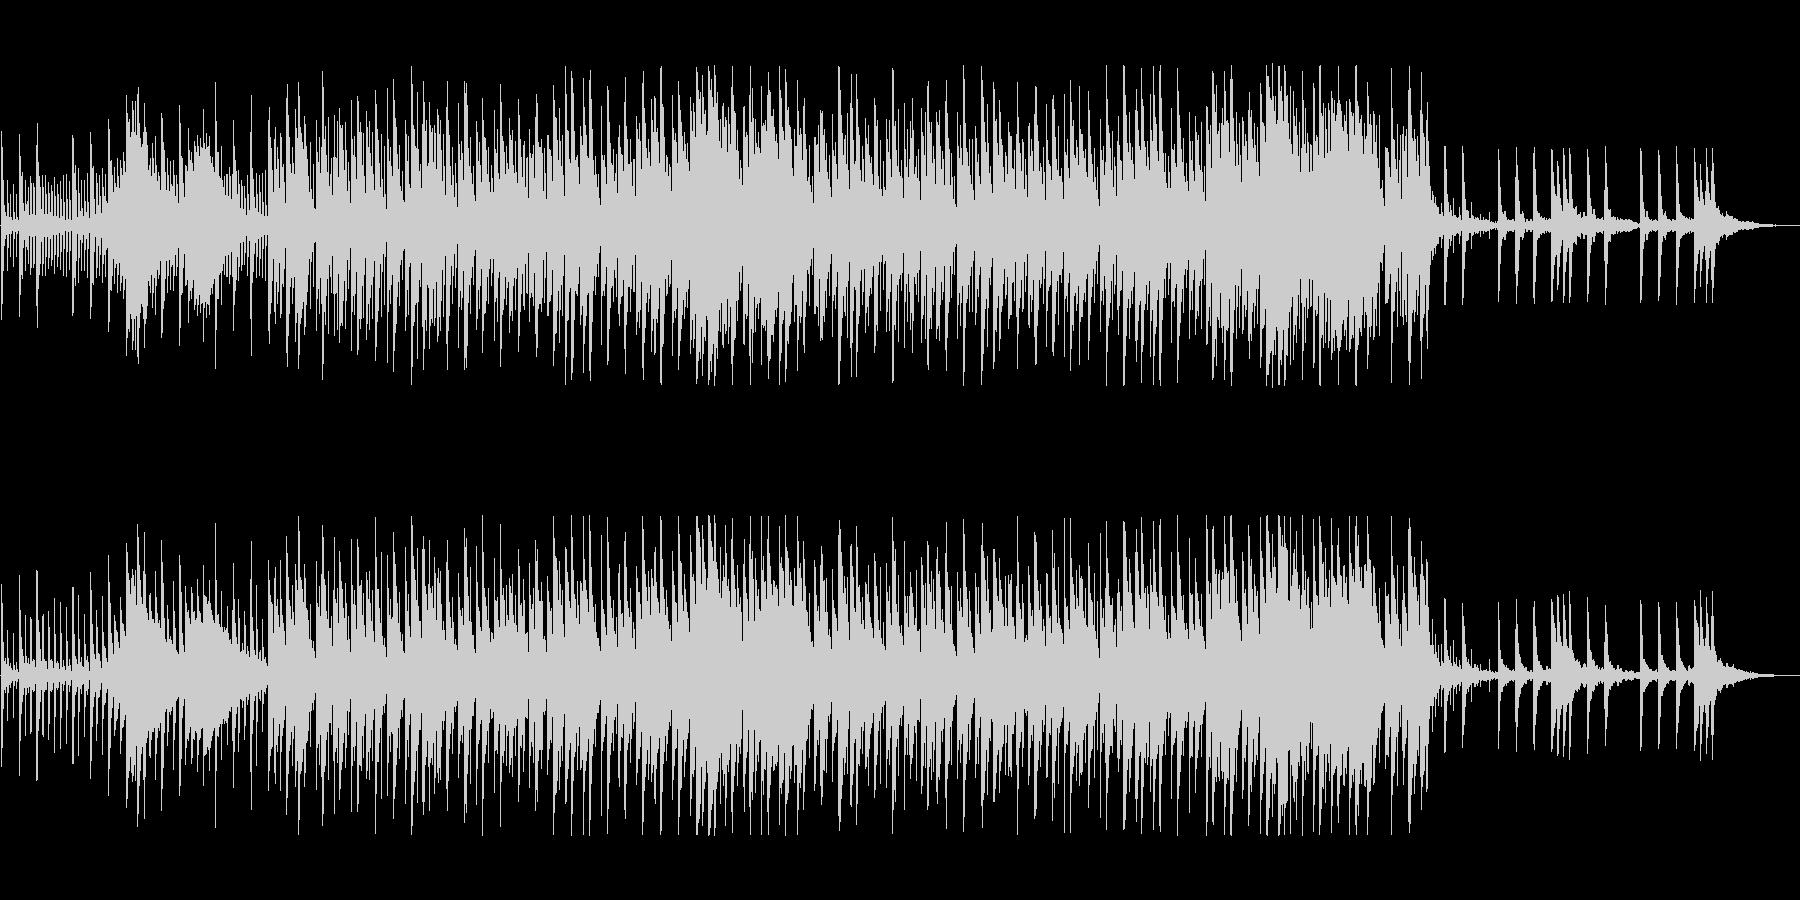 優しいリズム感のあるポップスの未再生の波形